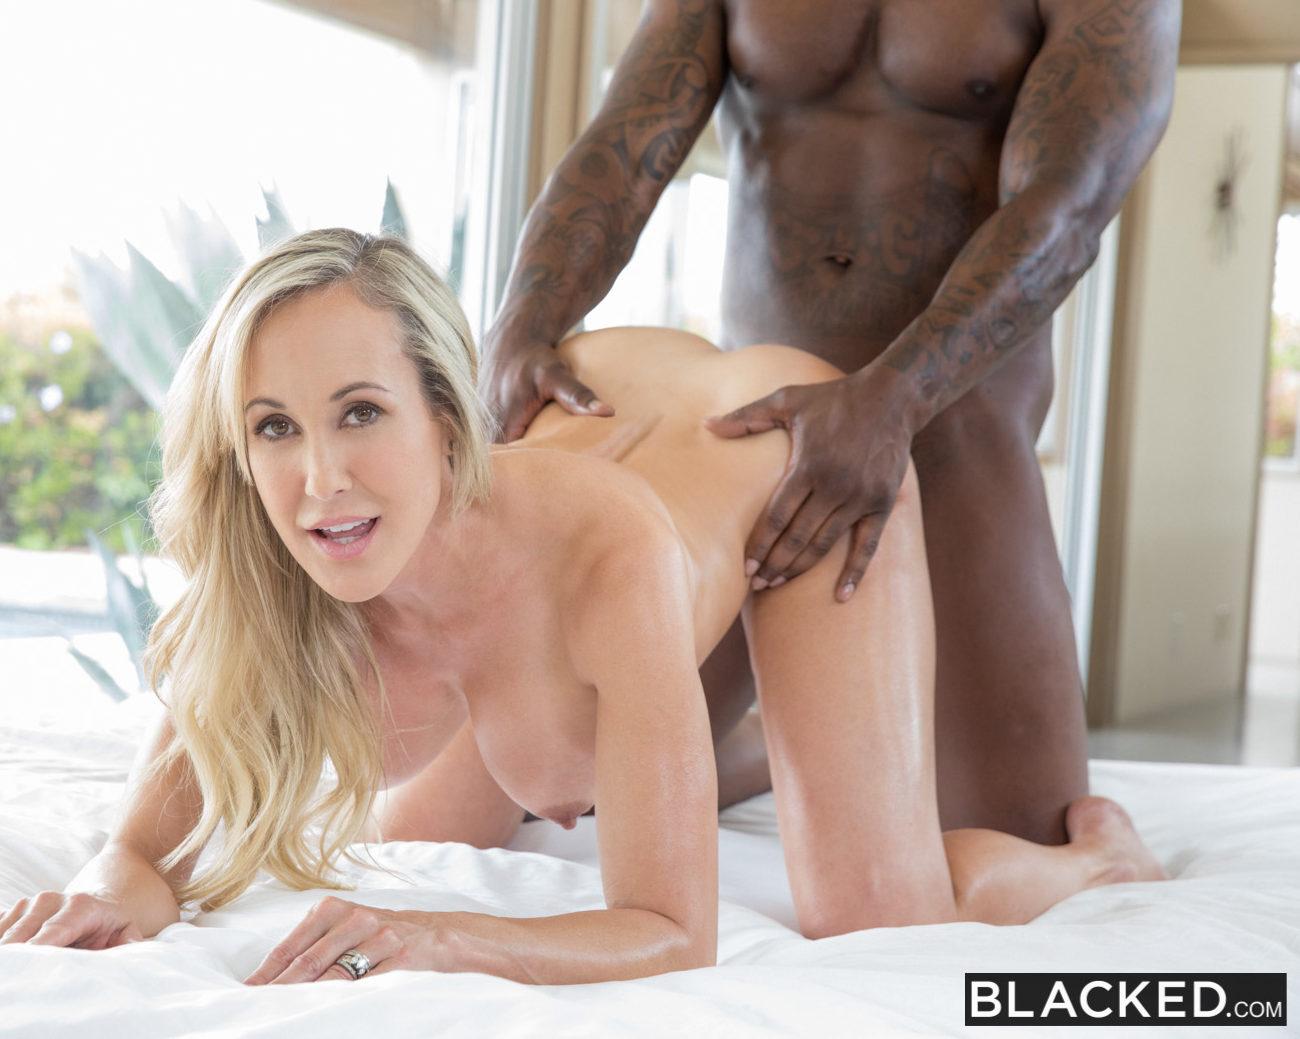 Blacked com free porn